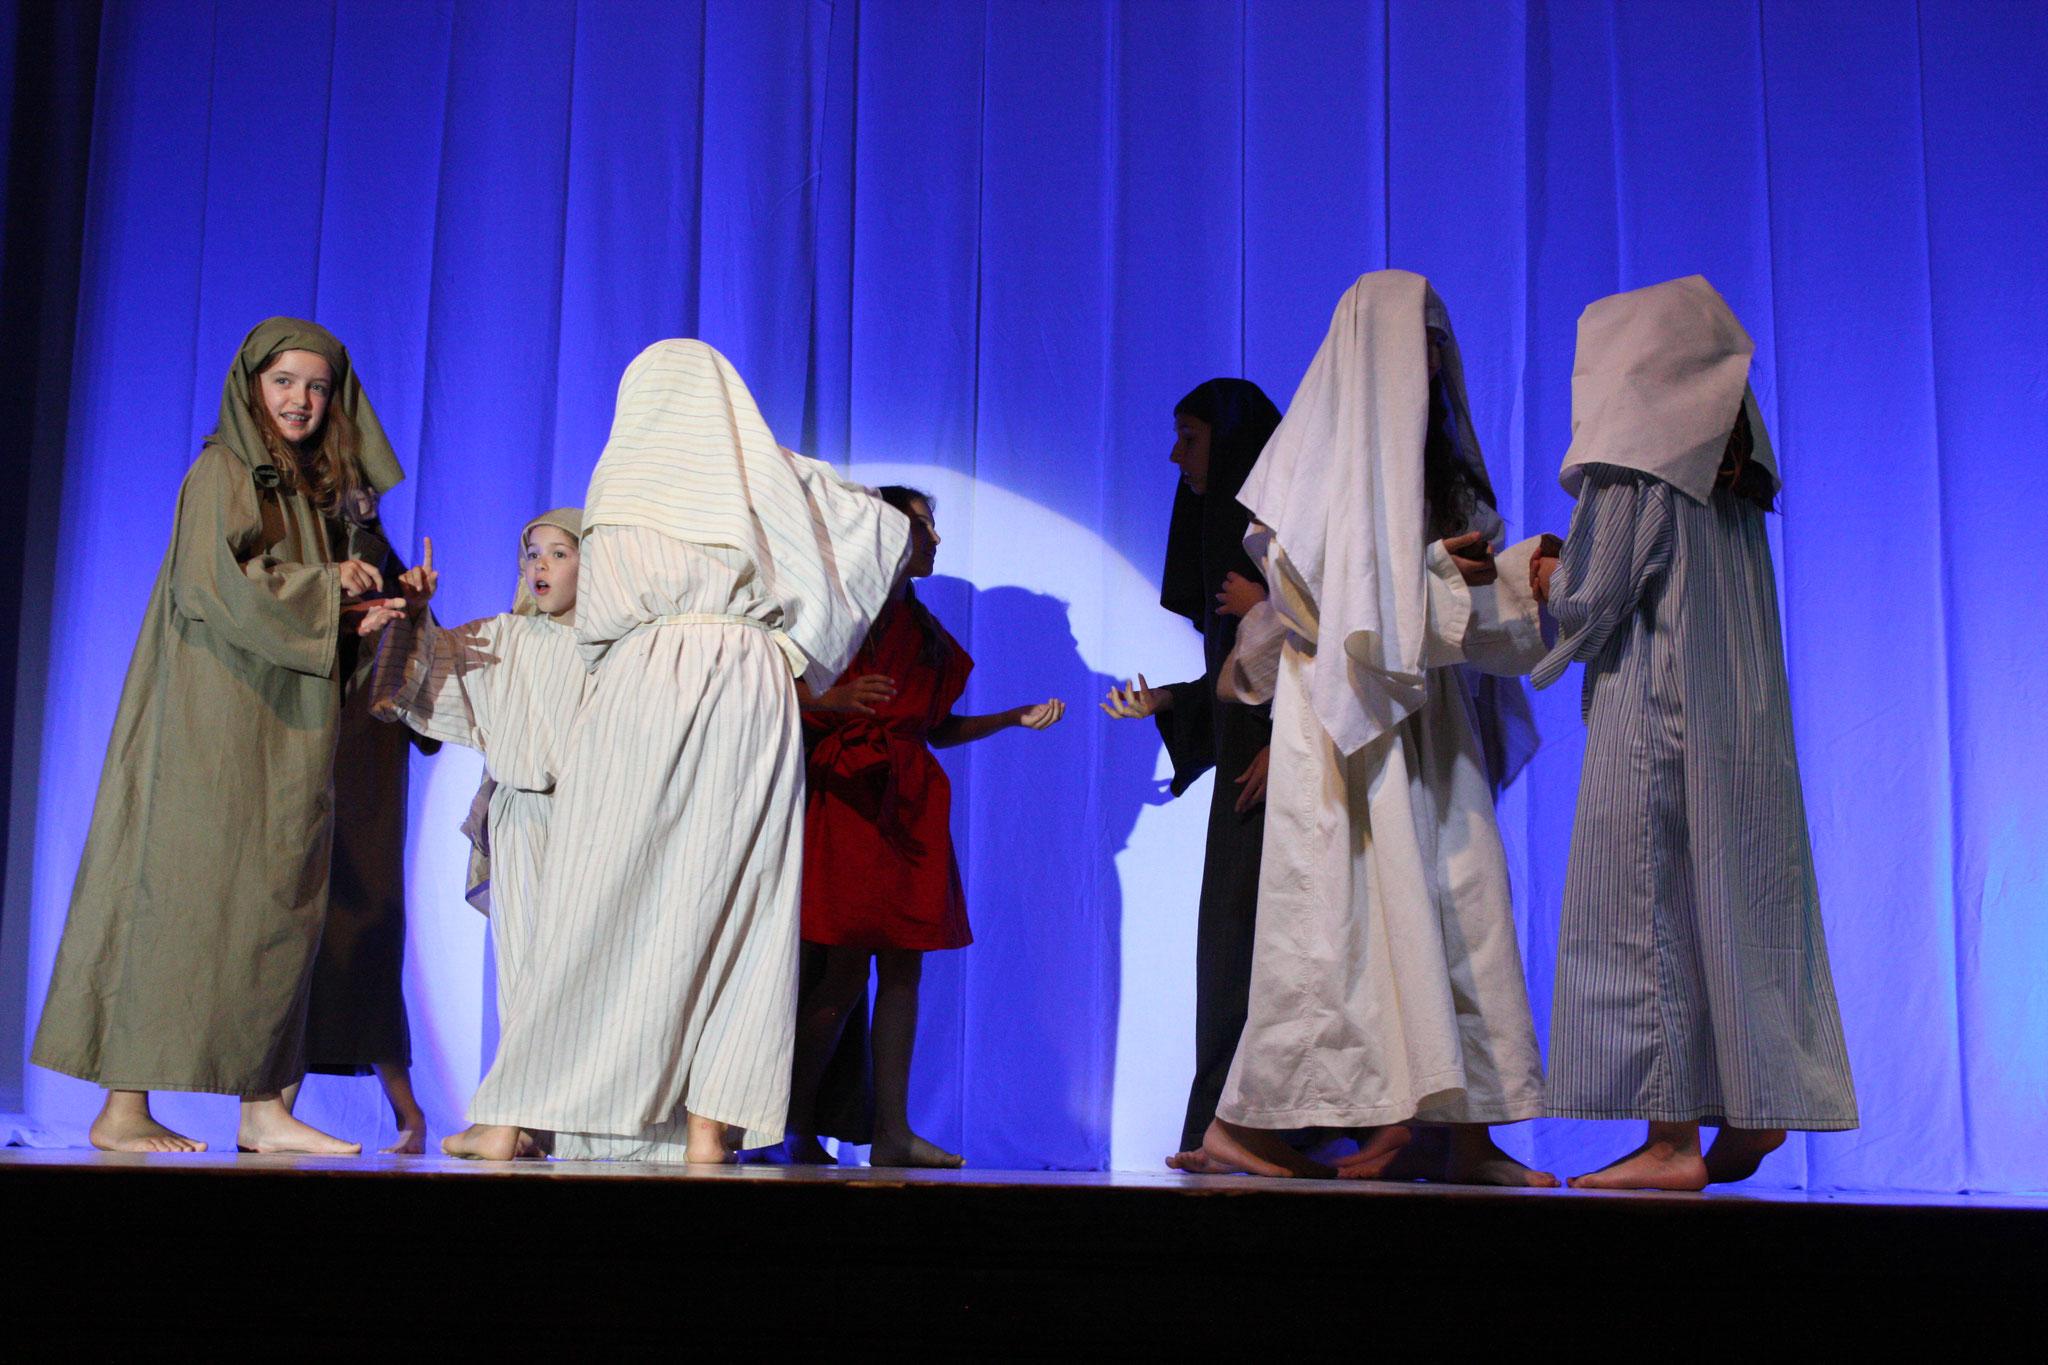 Les vierges sages et les vierges folles - (c) JDR